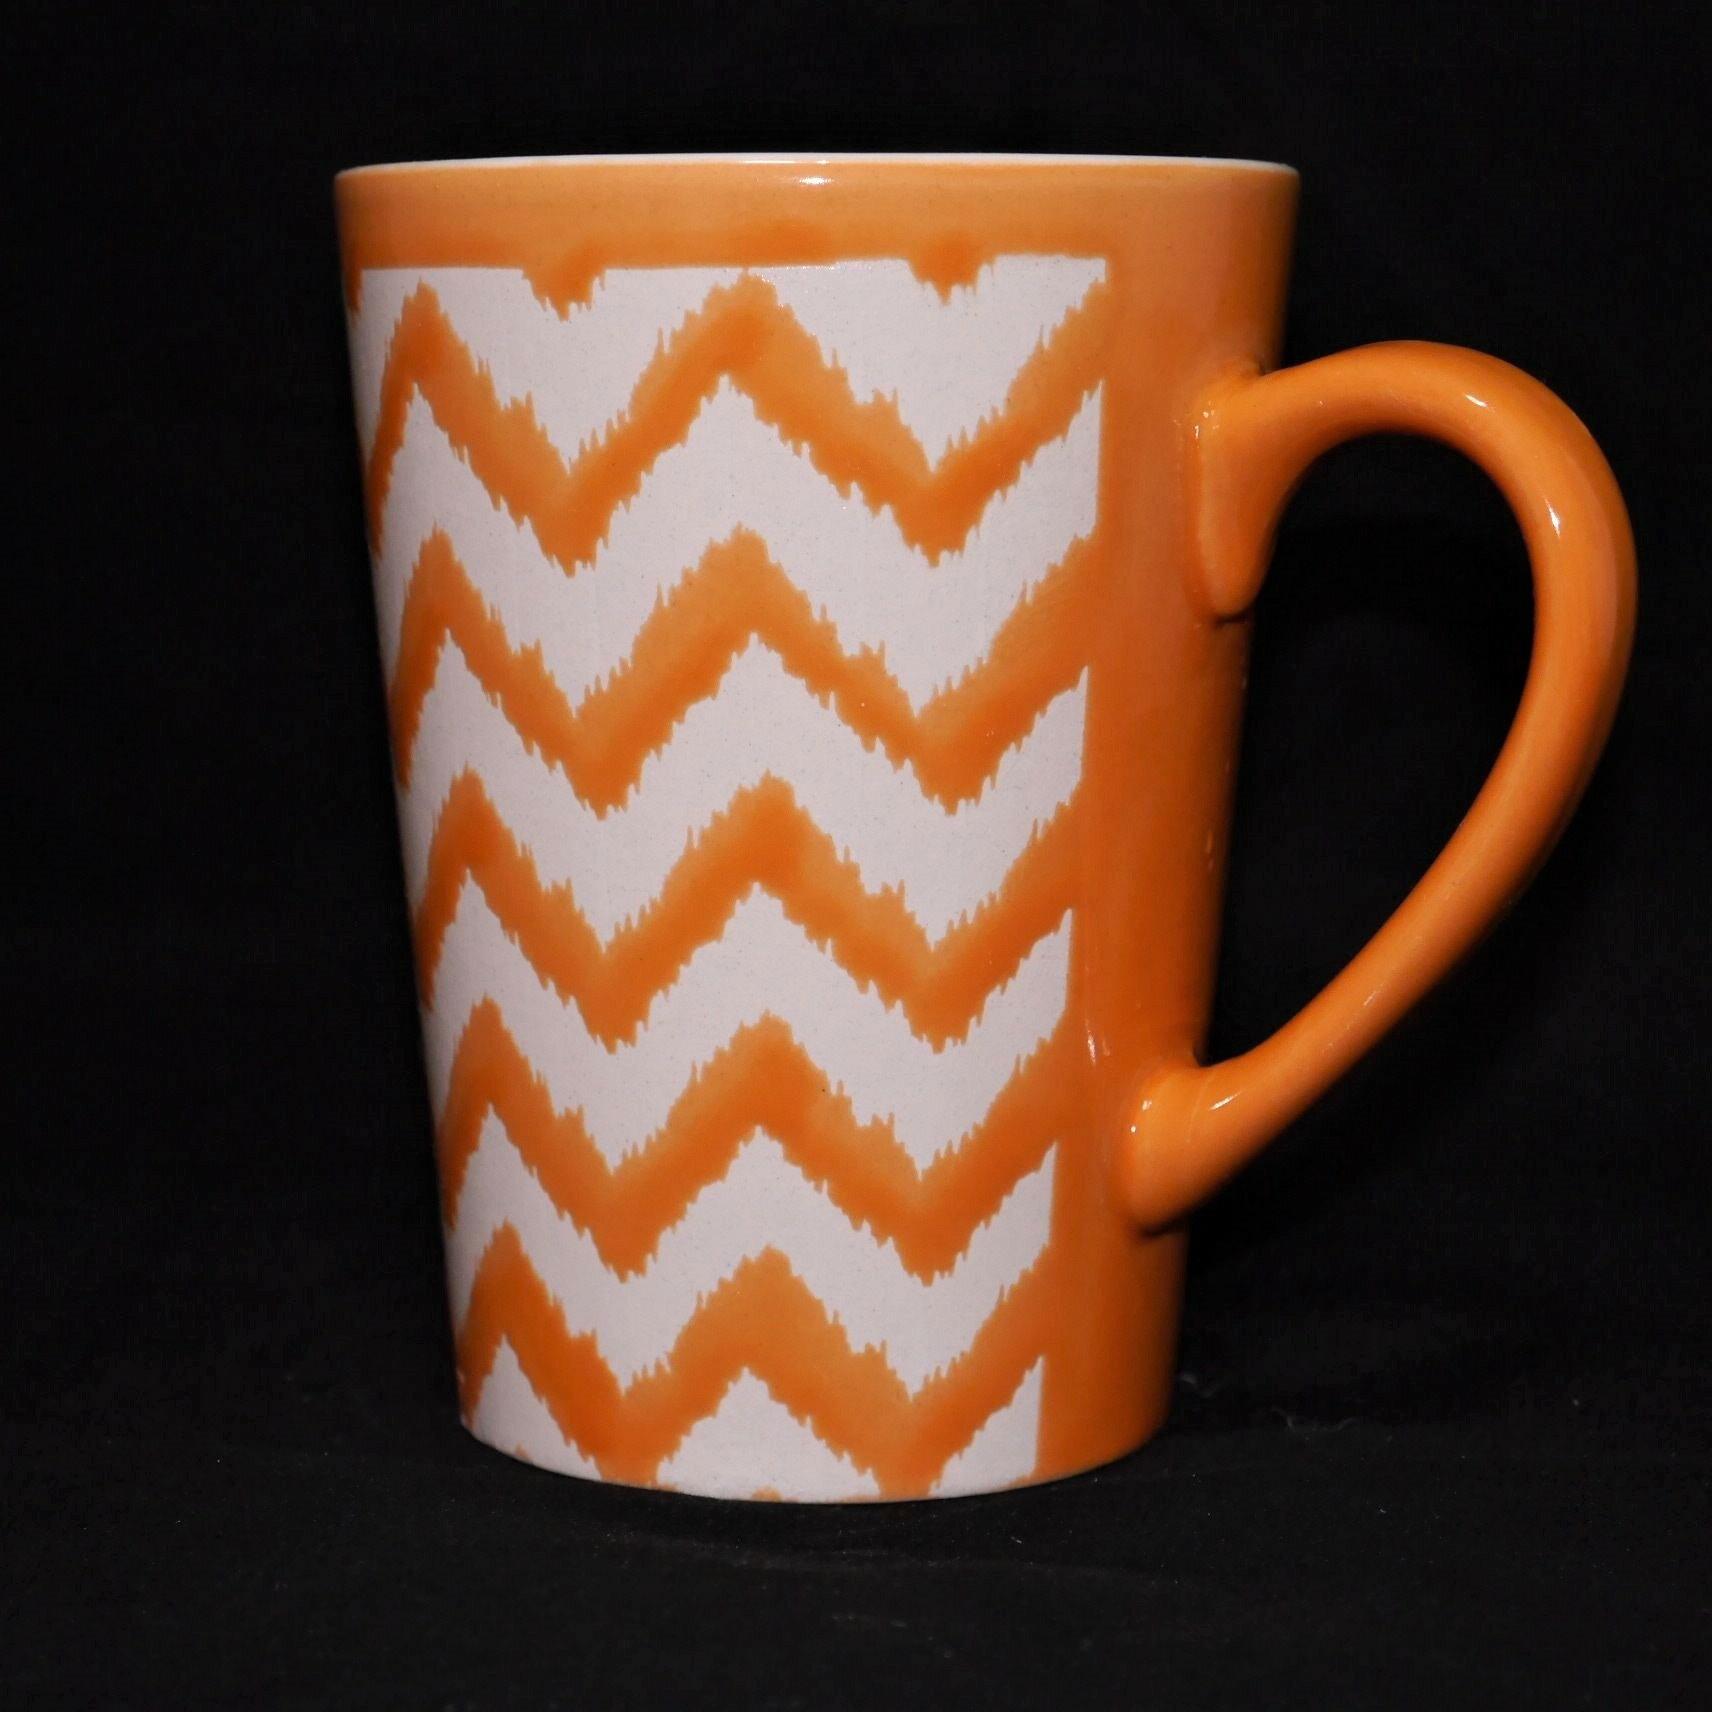 馬克杯橘色幾何紋500ml【曉風】 2